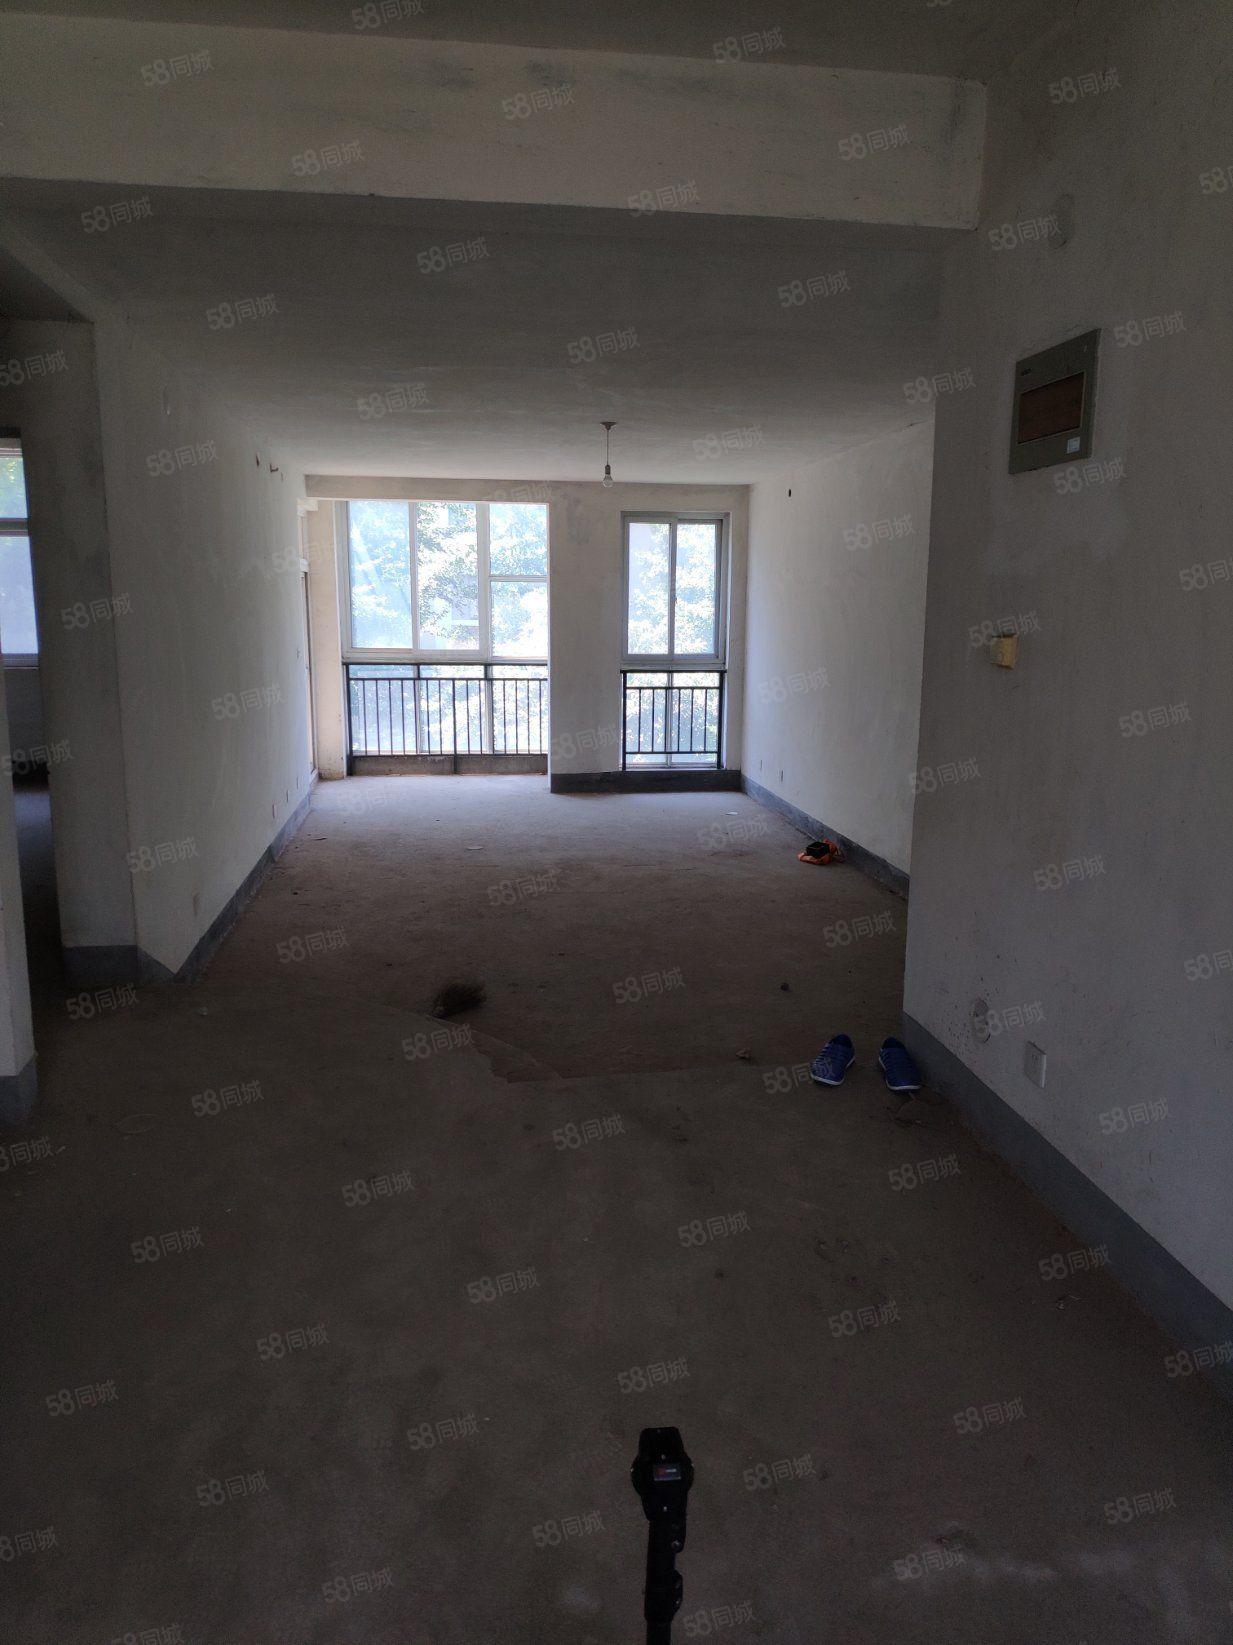 德国小镇141.33室2厅2卫2阳台毛坯南北好房不等人